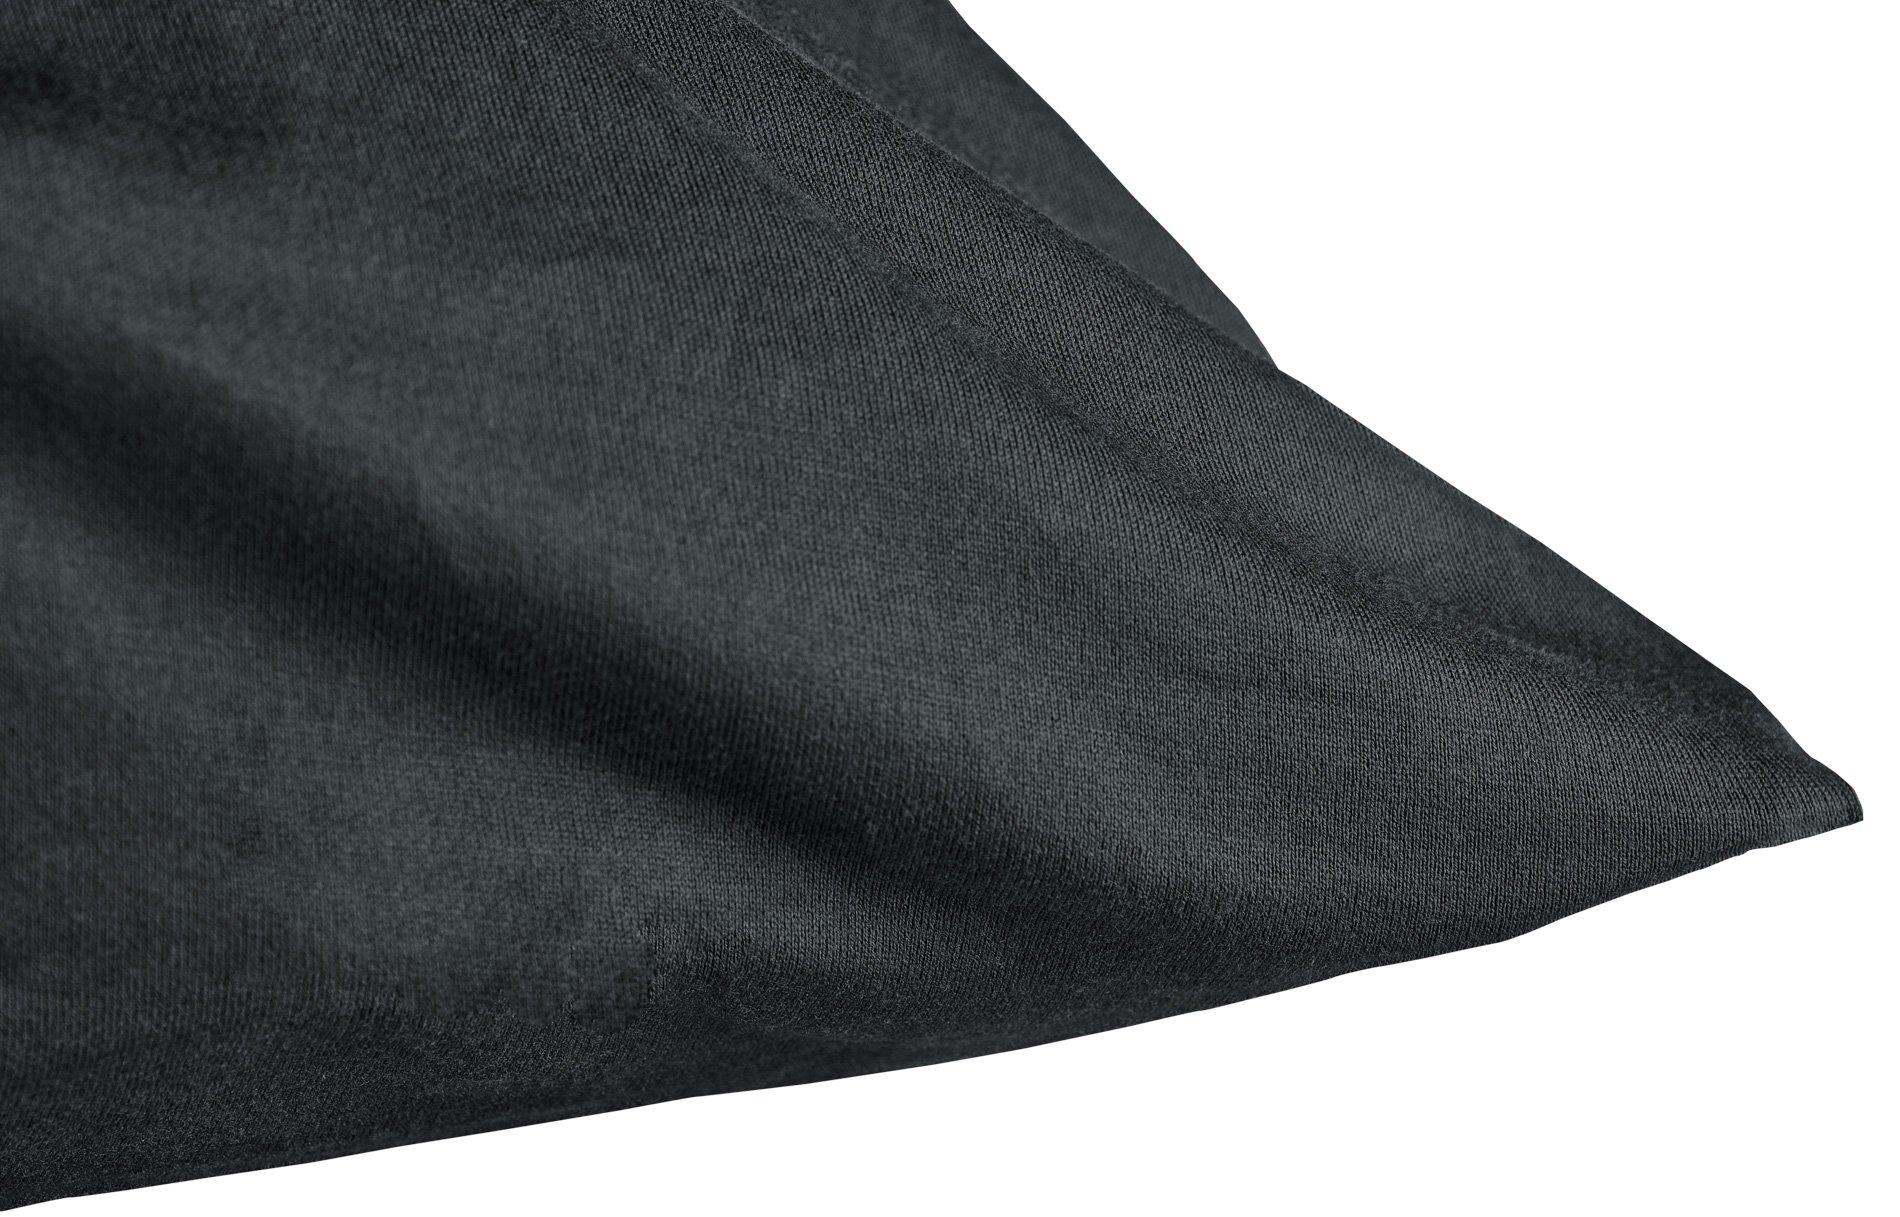 K.-Bezug onyx 80x80cm